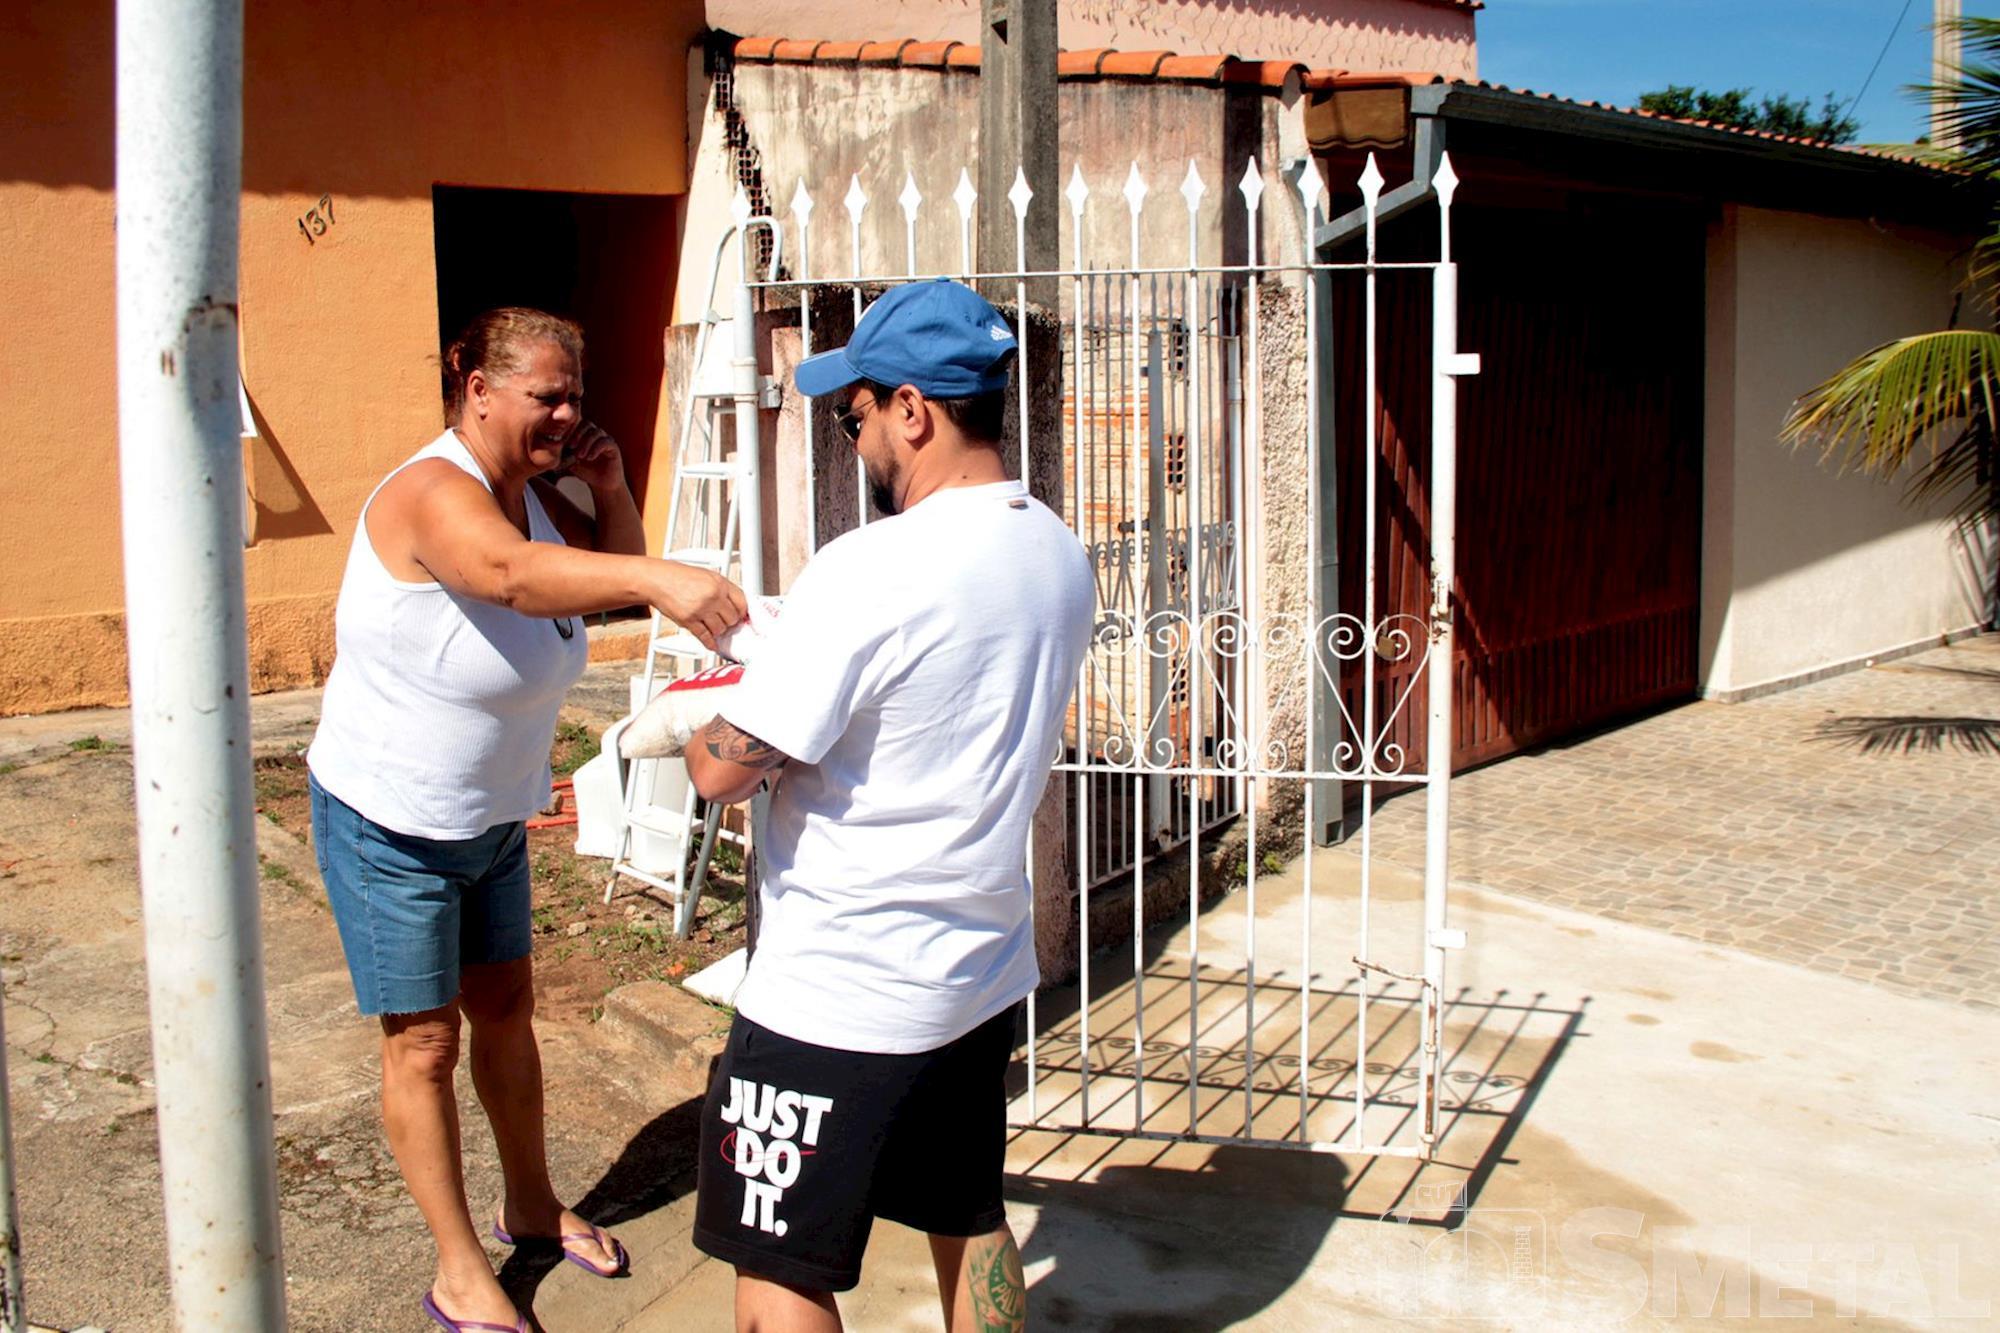 Jônatas Rosa / Imprensa SMetal , Mutirão no Éden arrecada mais de meia tonelada de alimentos